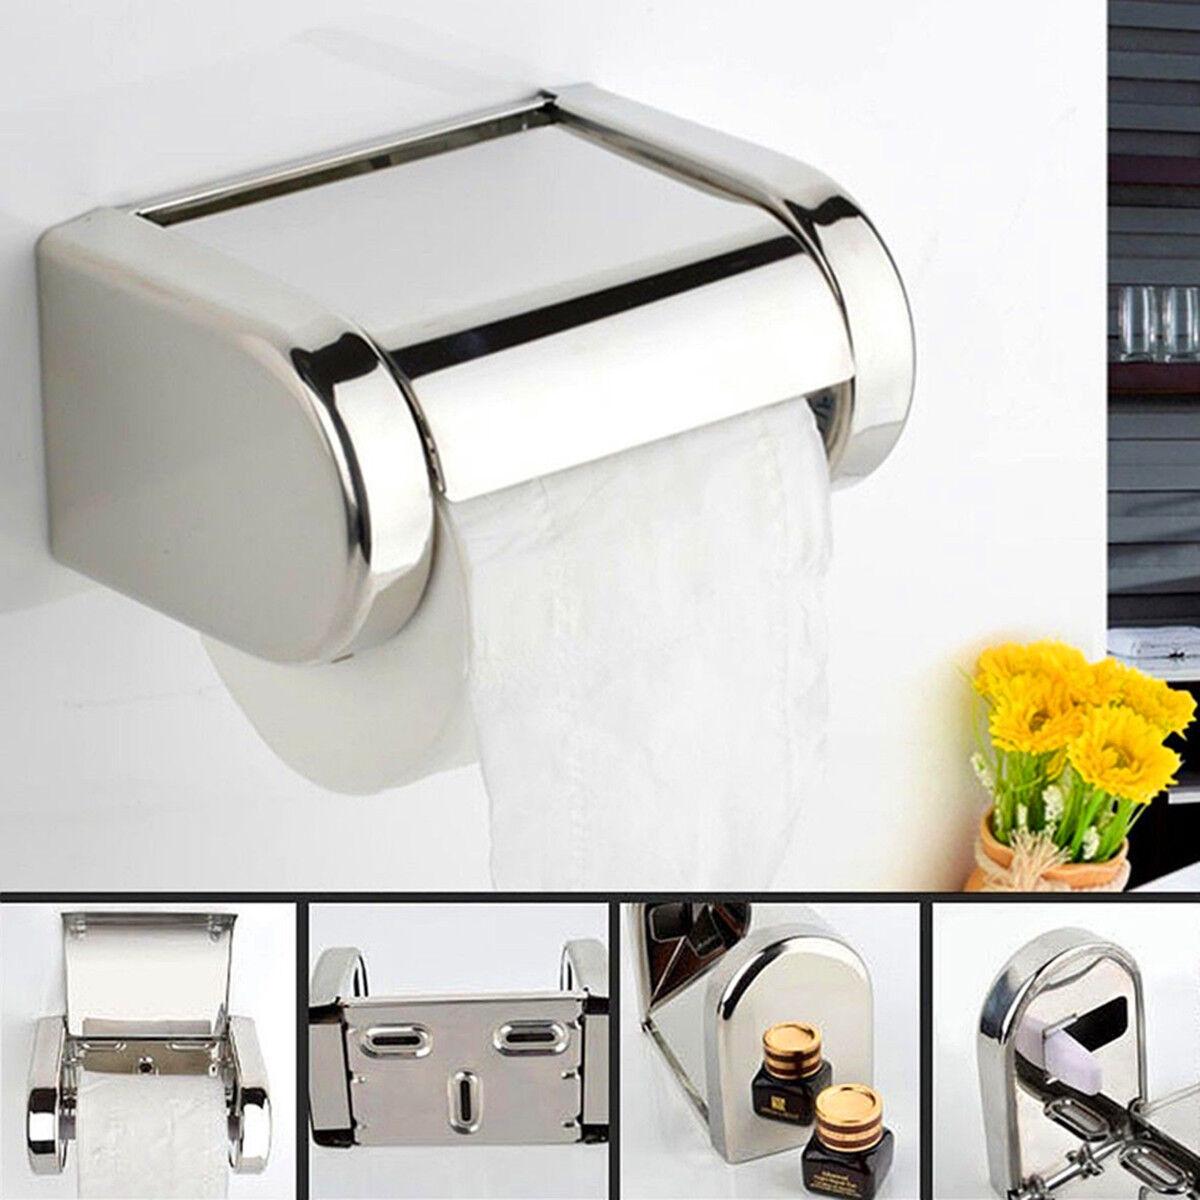 Toilet Roll Dispenser Toilettenpapierhalter Rollenhalter